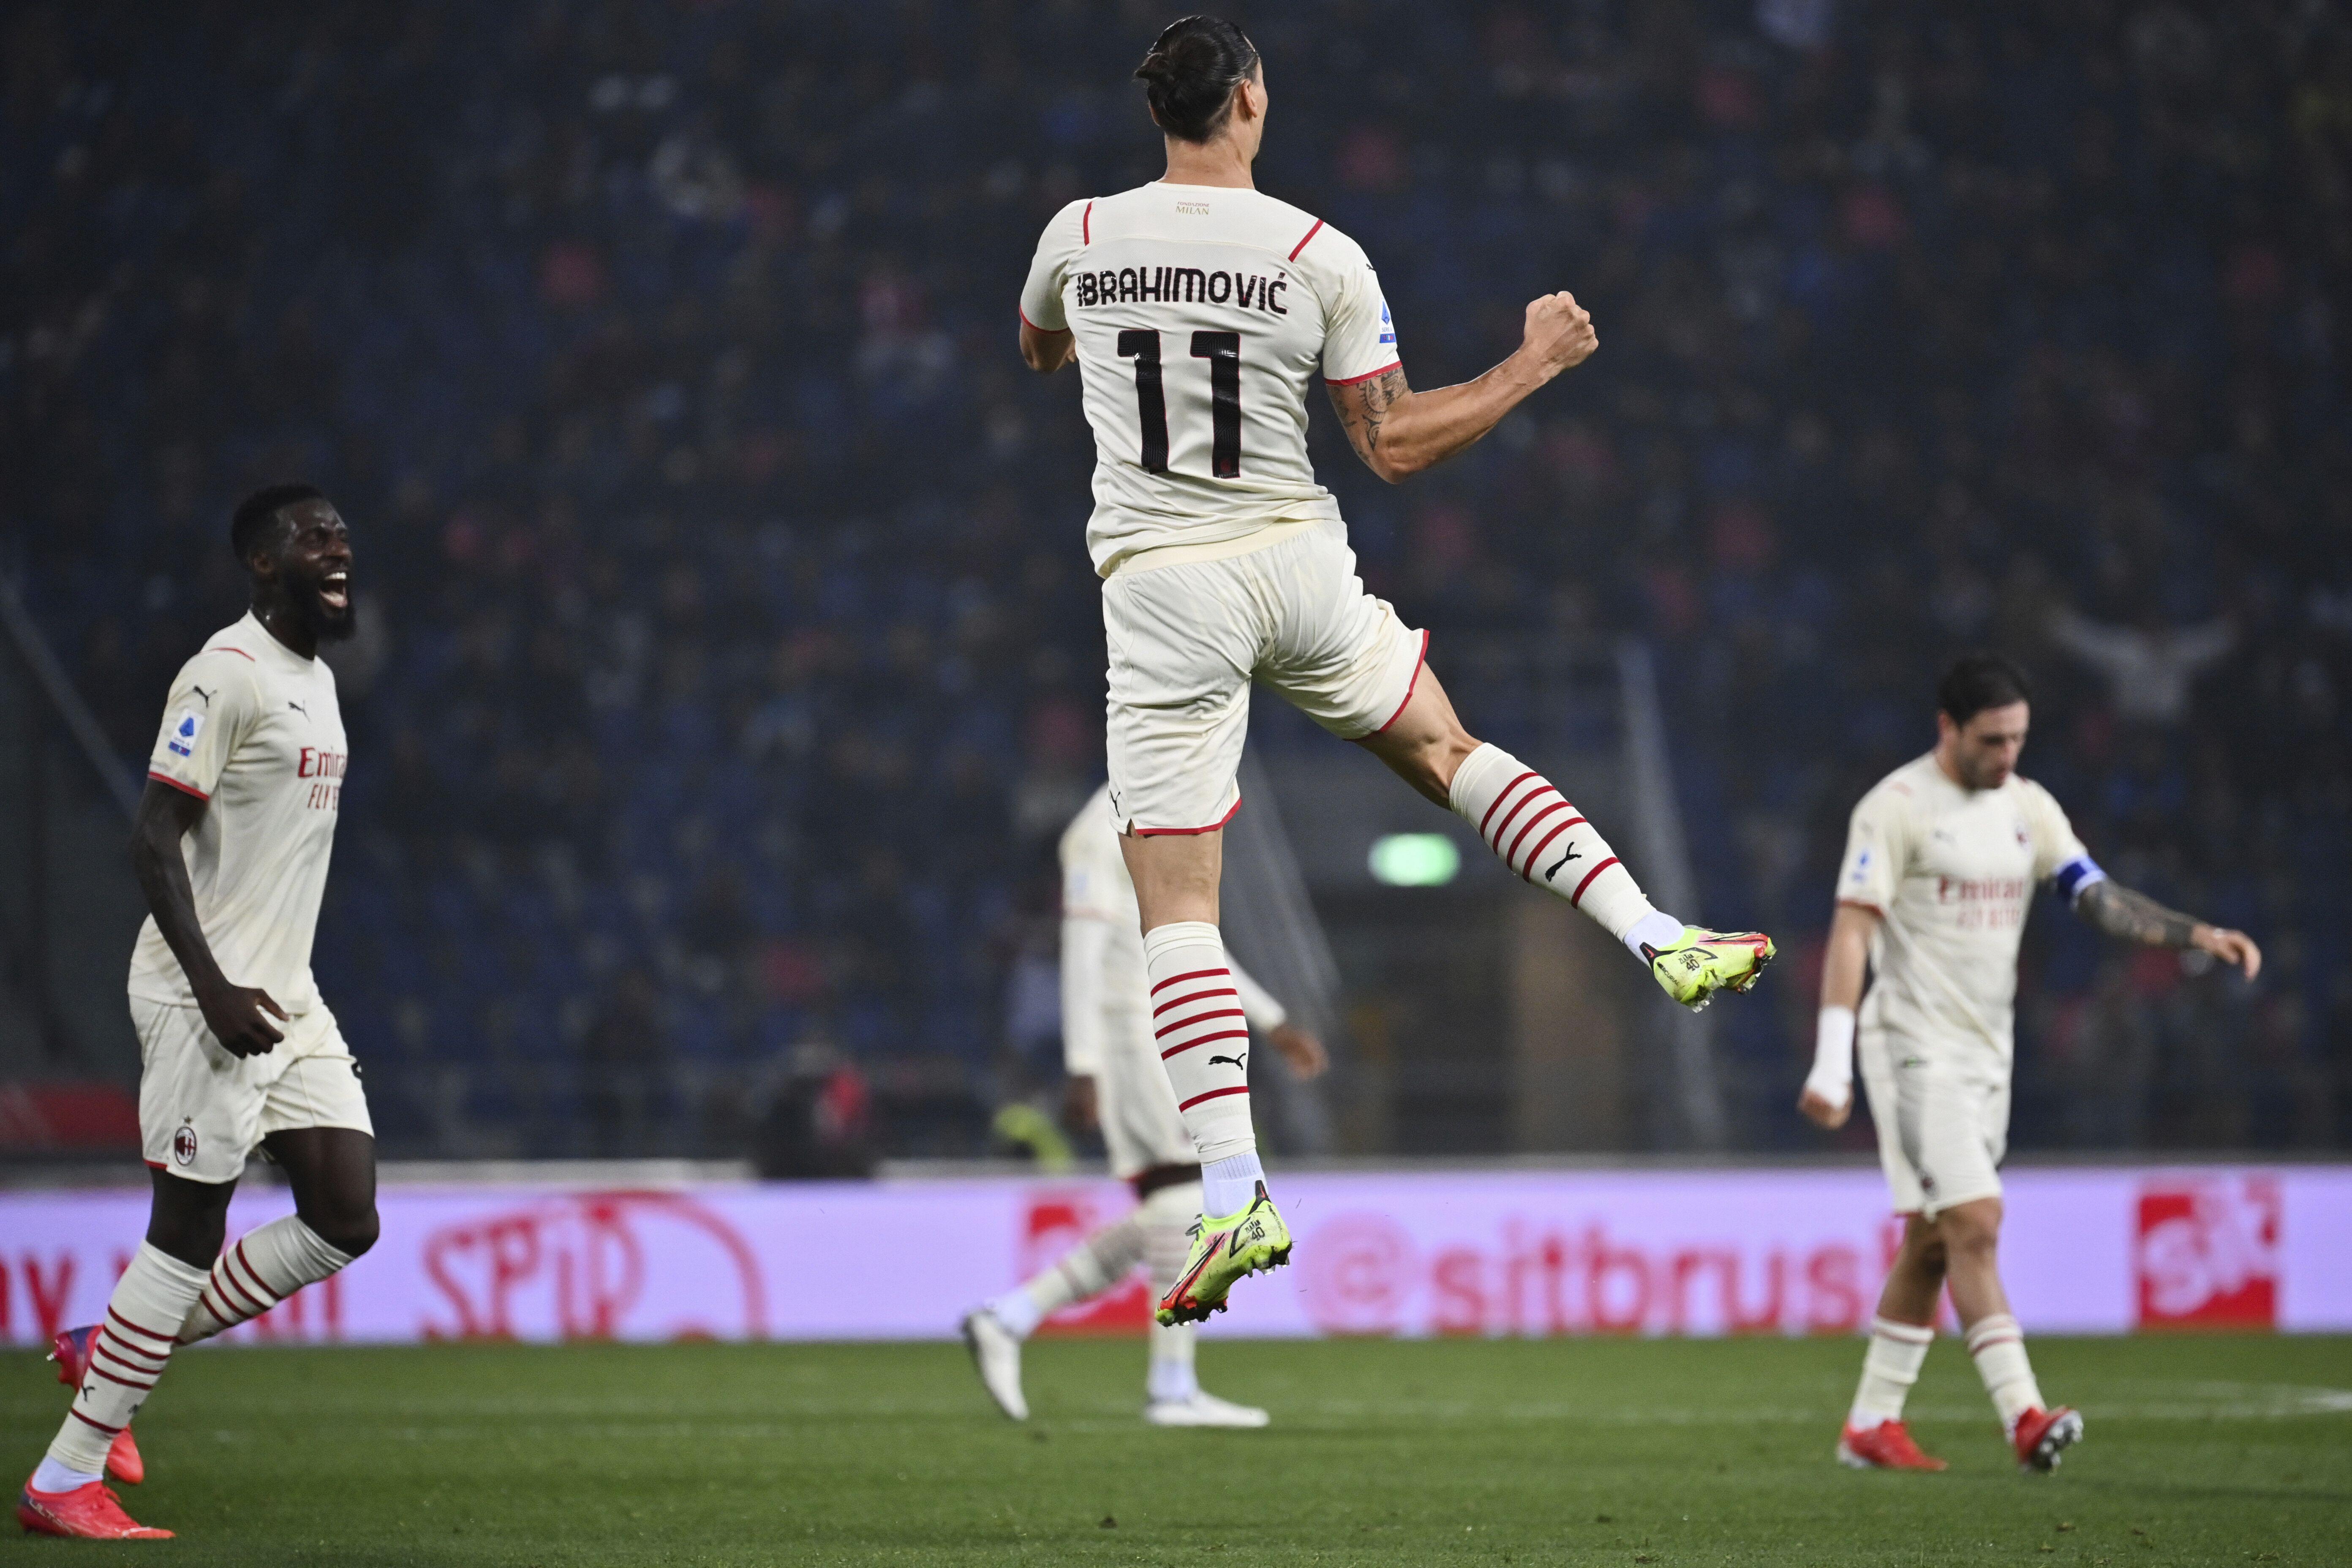 milan vence con goles postreros a bologna, que termina con 9